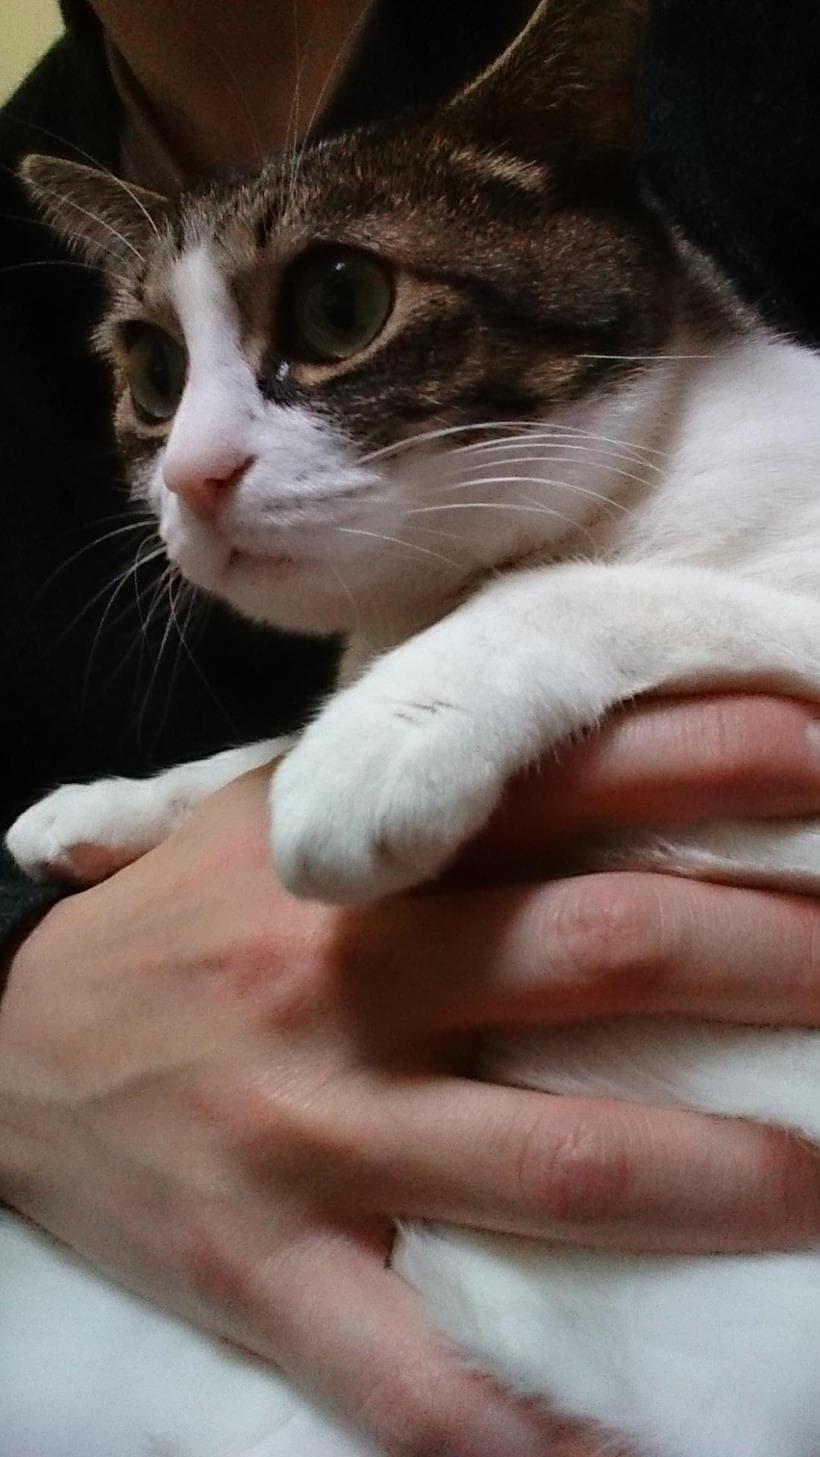 抱えられる愛猫ミミ